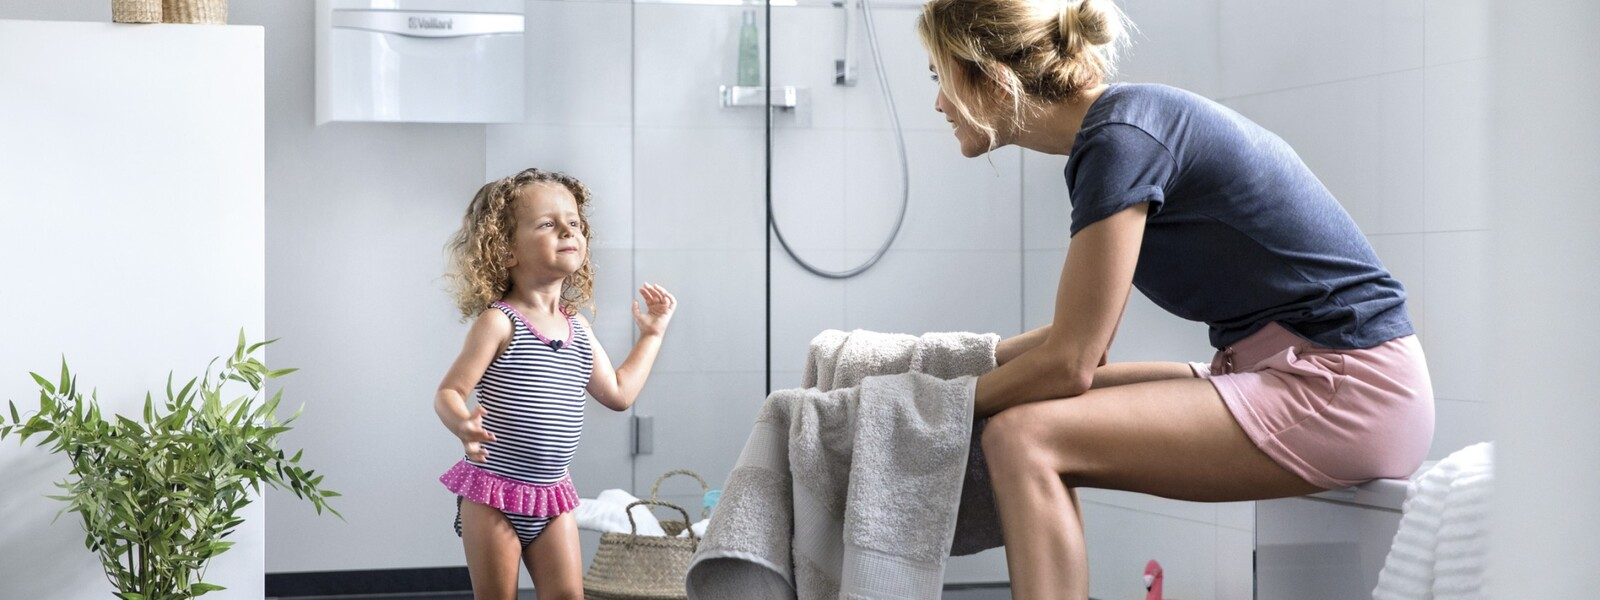 Madre con una niña en el baño. Al fondo puede verse una caldera de condensación.